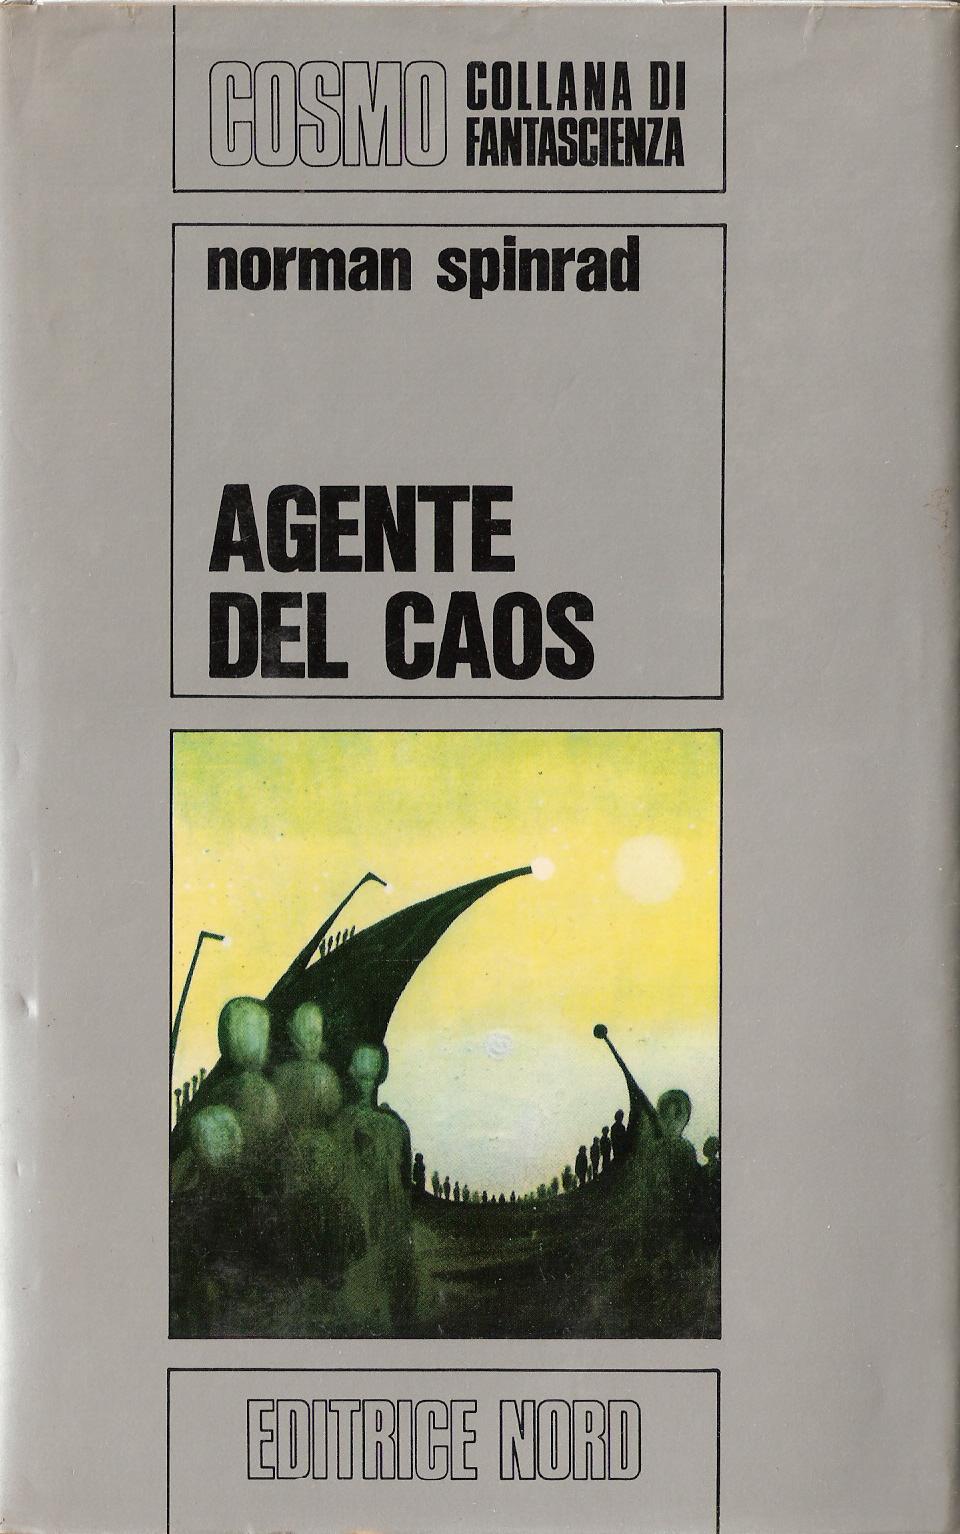 Agente del caos